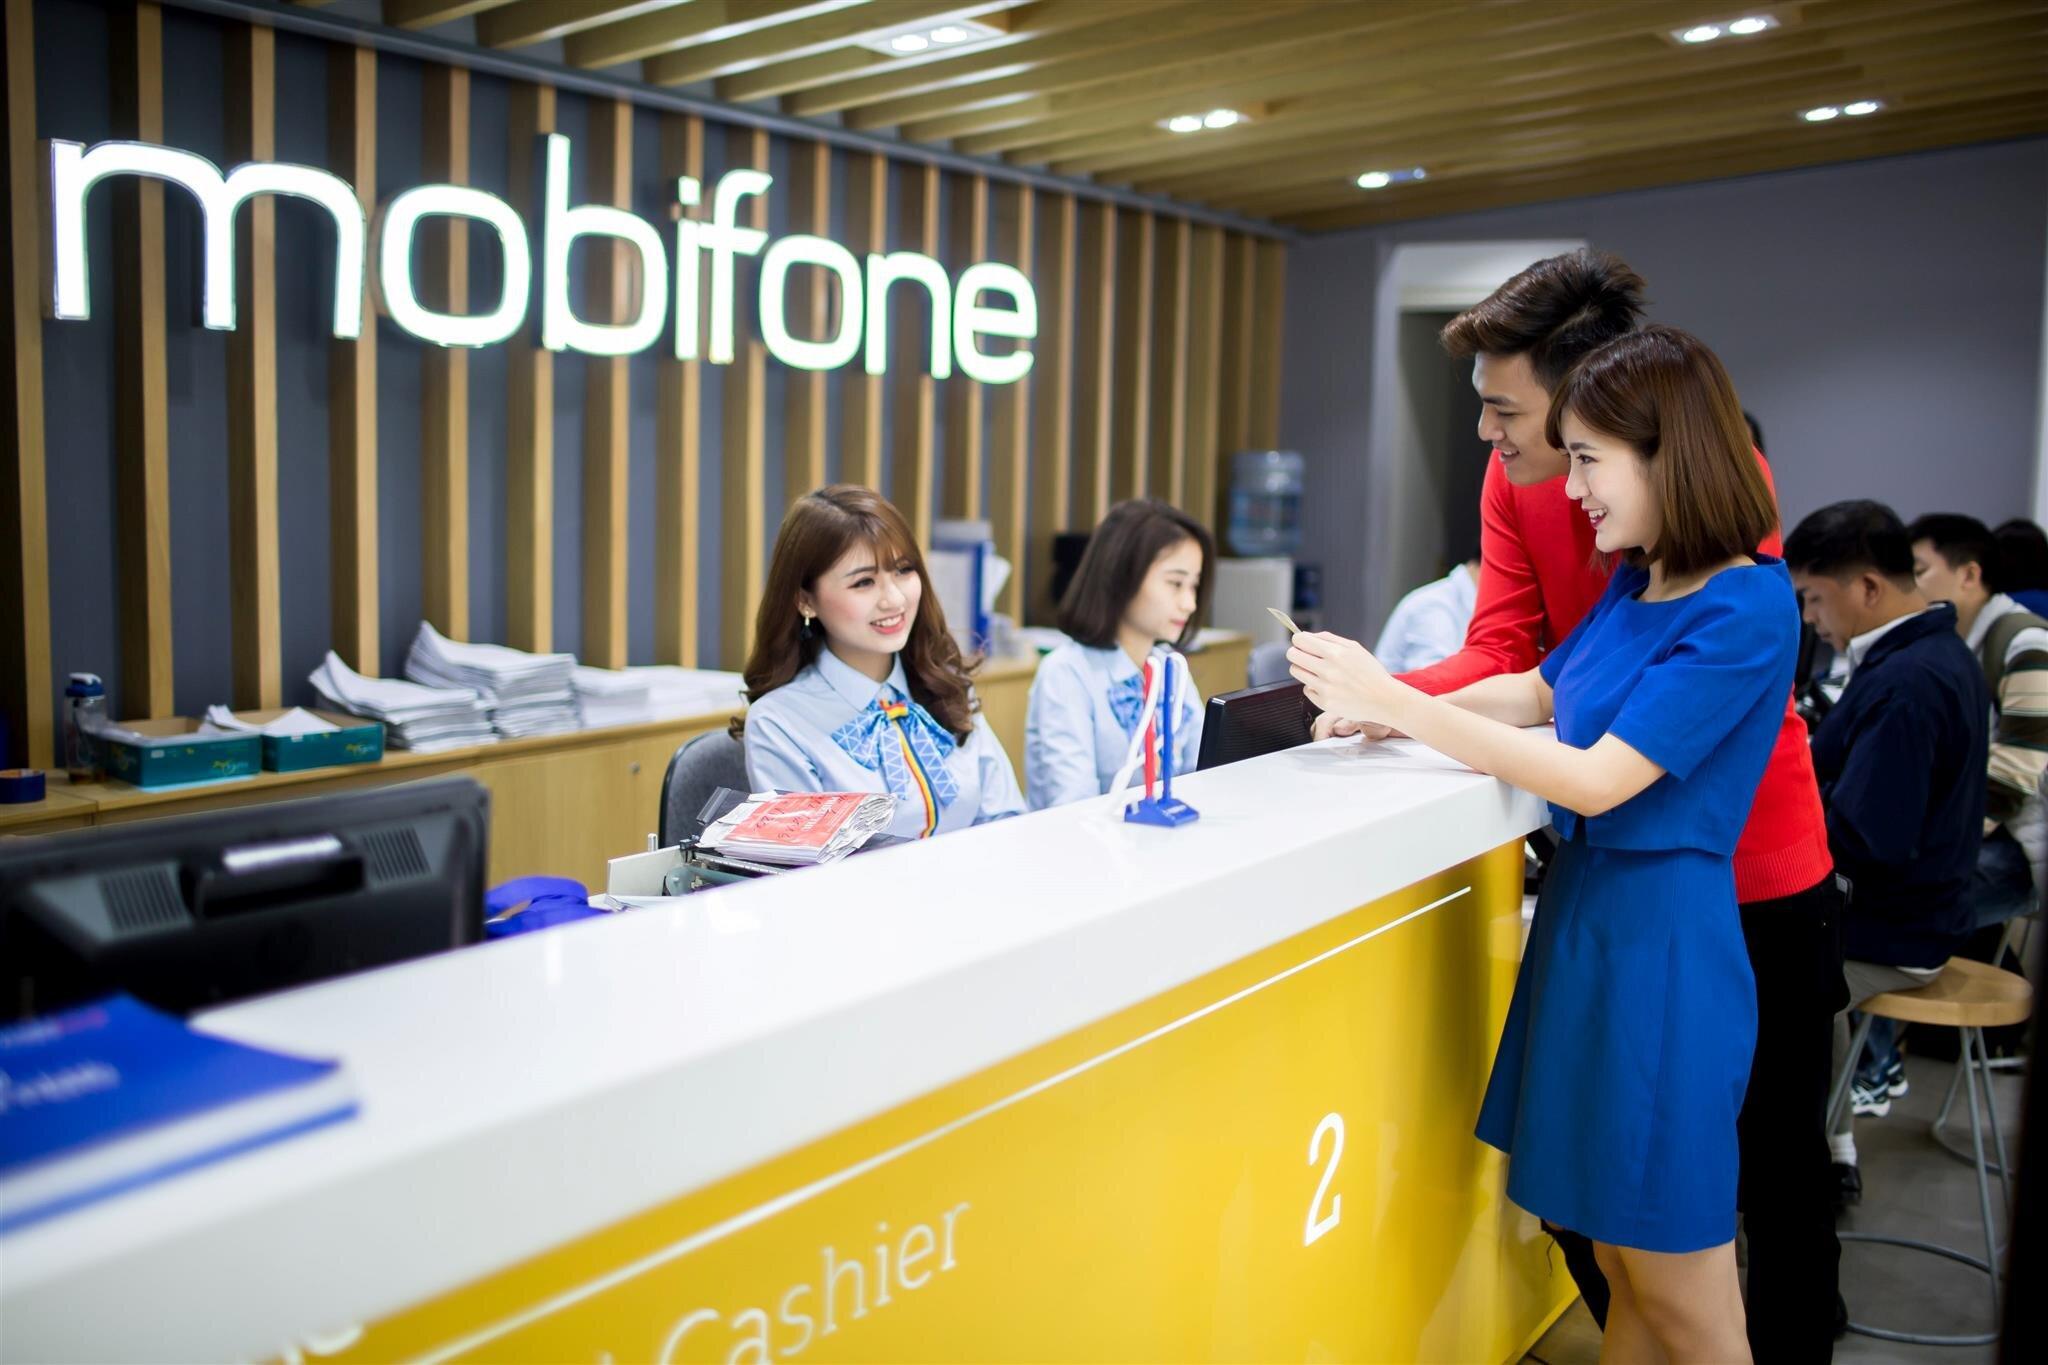 Đến trực tiếp cửa hàng Mobifone để được hỗ trợ và giải đáp mọi thắc mắc